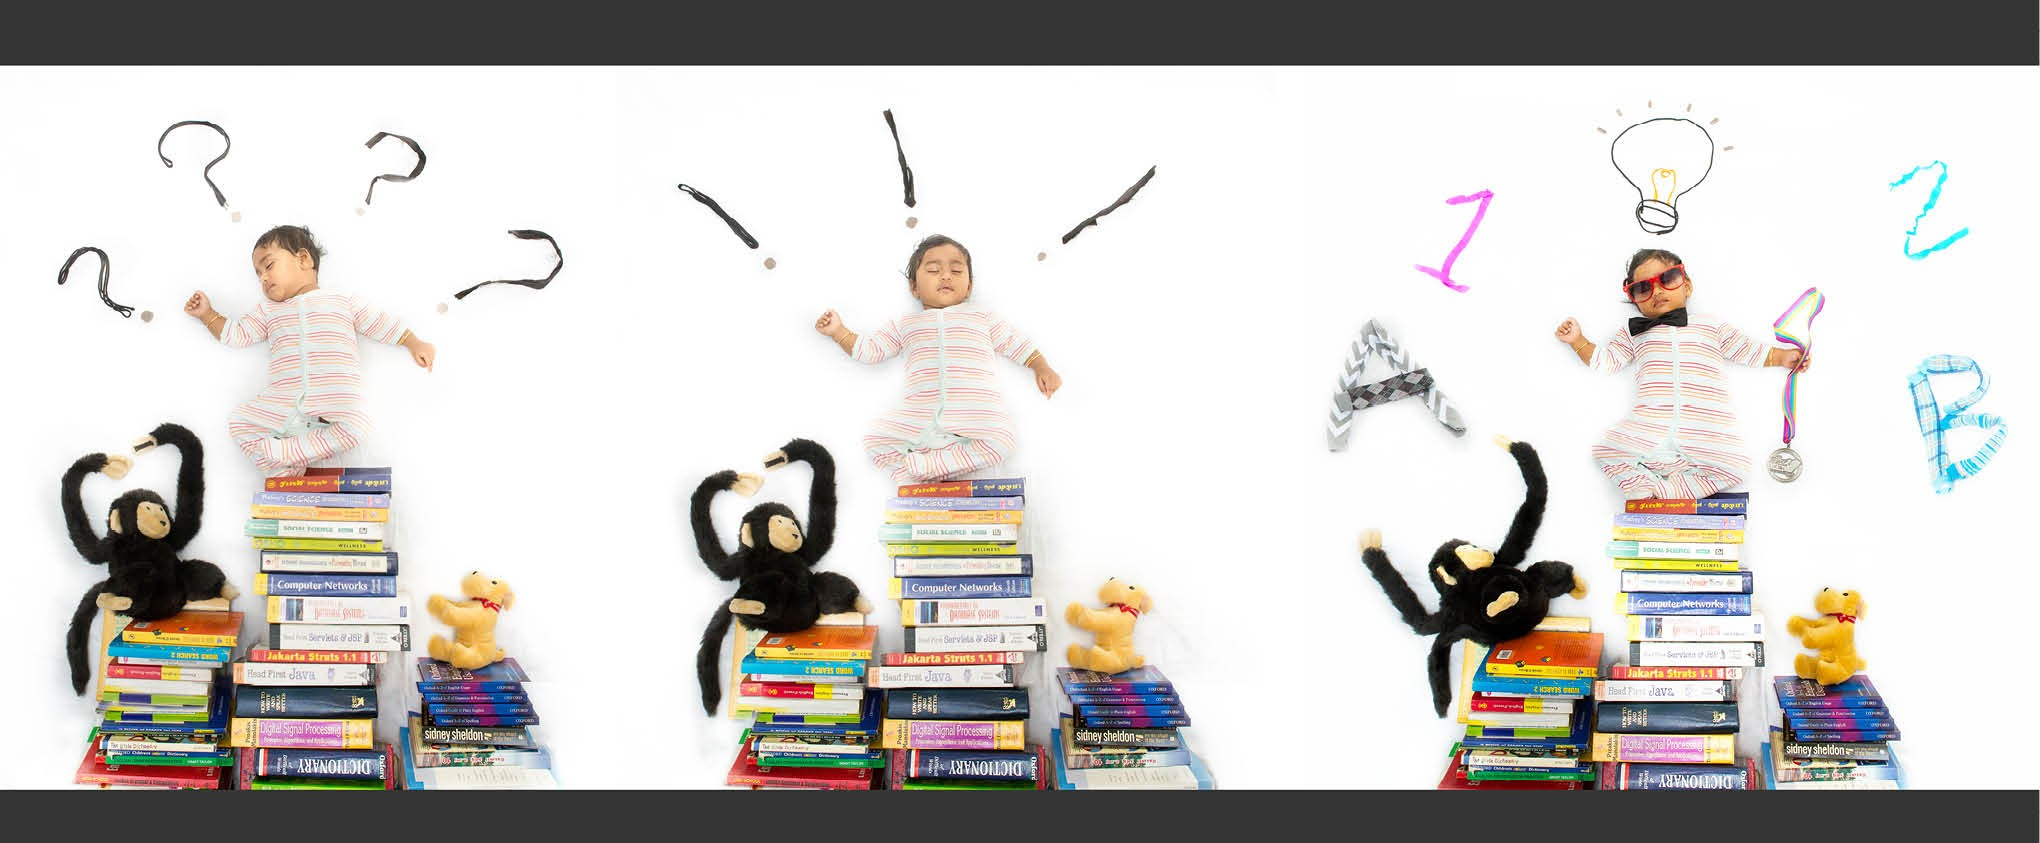 JKCreatives - Abhinav - New Born, Baby and Kids Photography by the Best New Born, Baby and Kids Photographer in Coimbatore